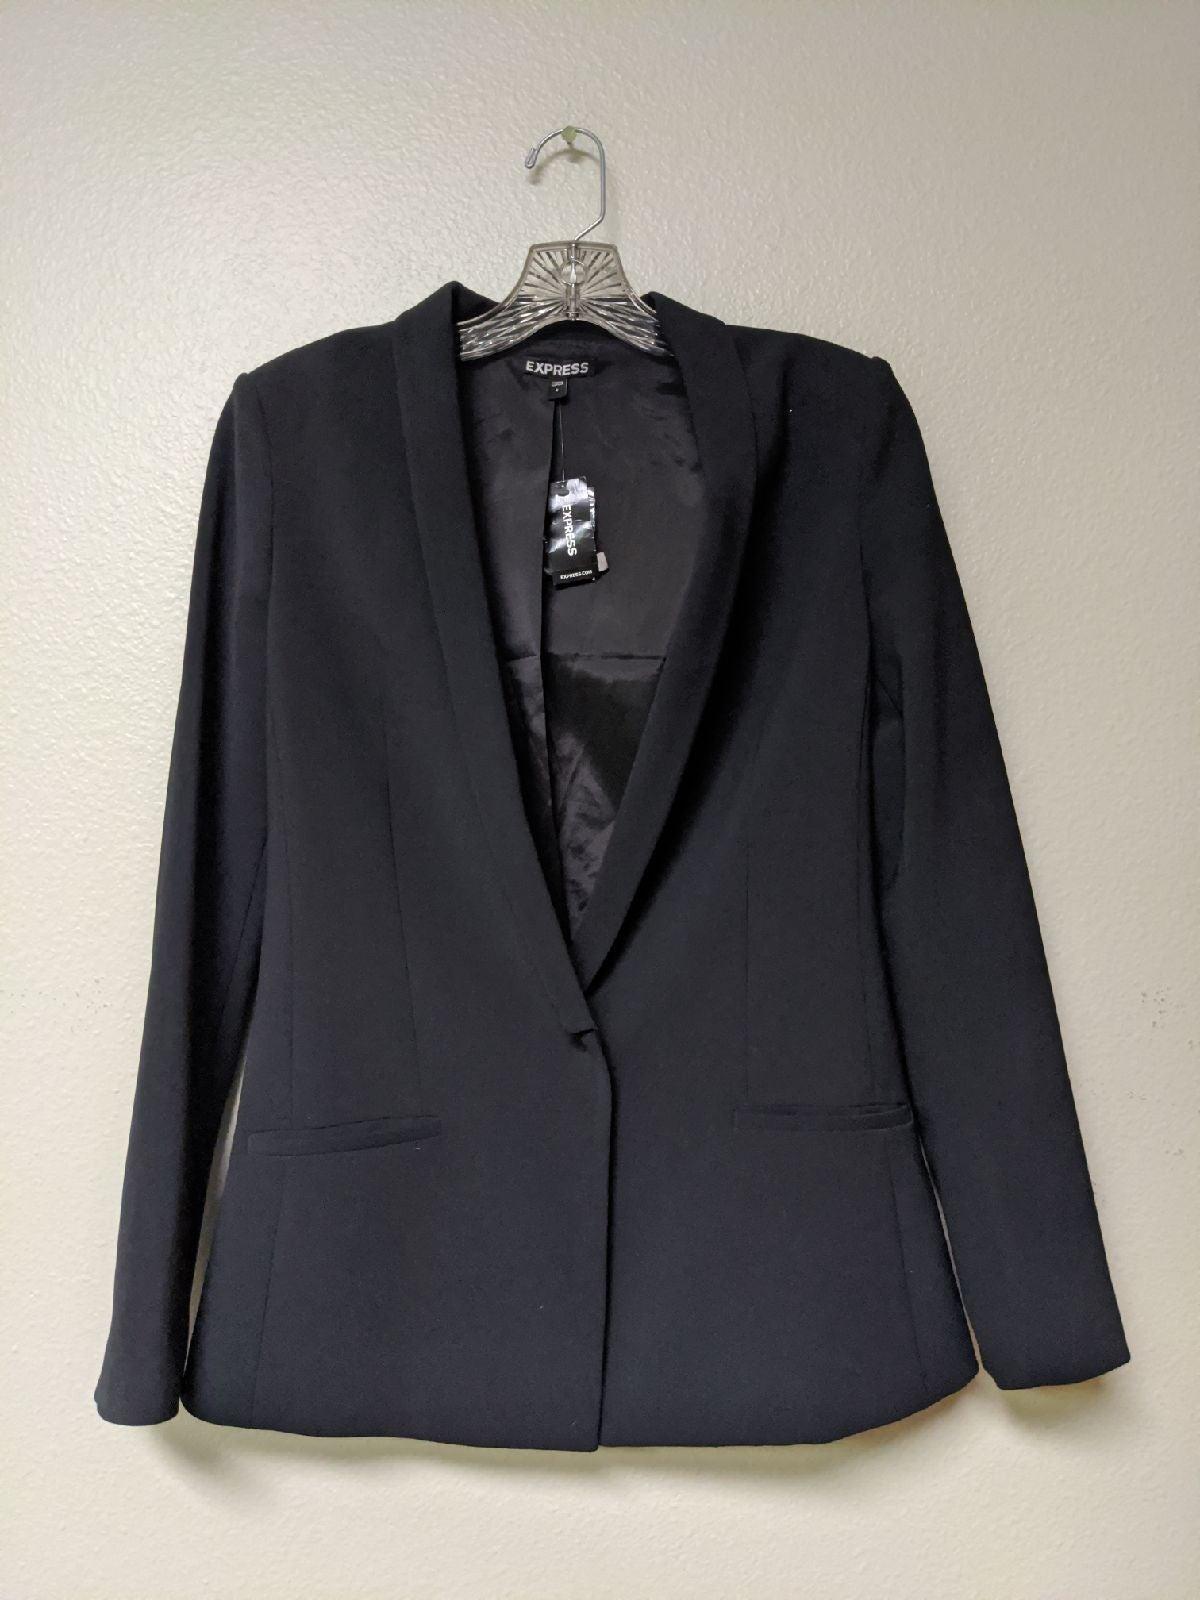 NWT EXPRESS Black Women's Blazer